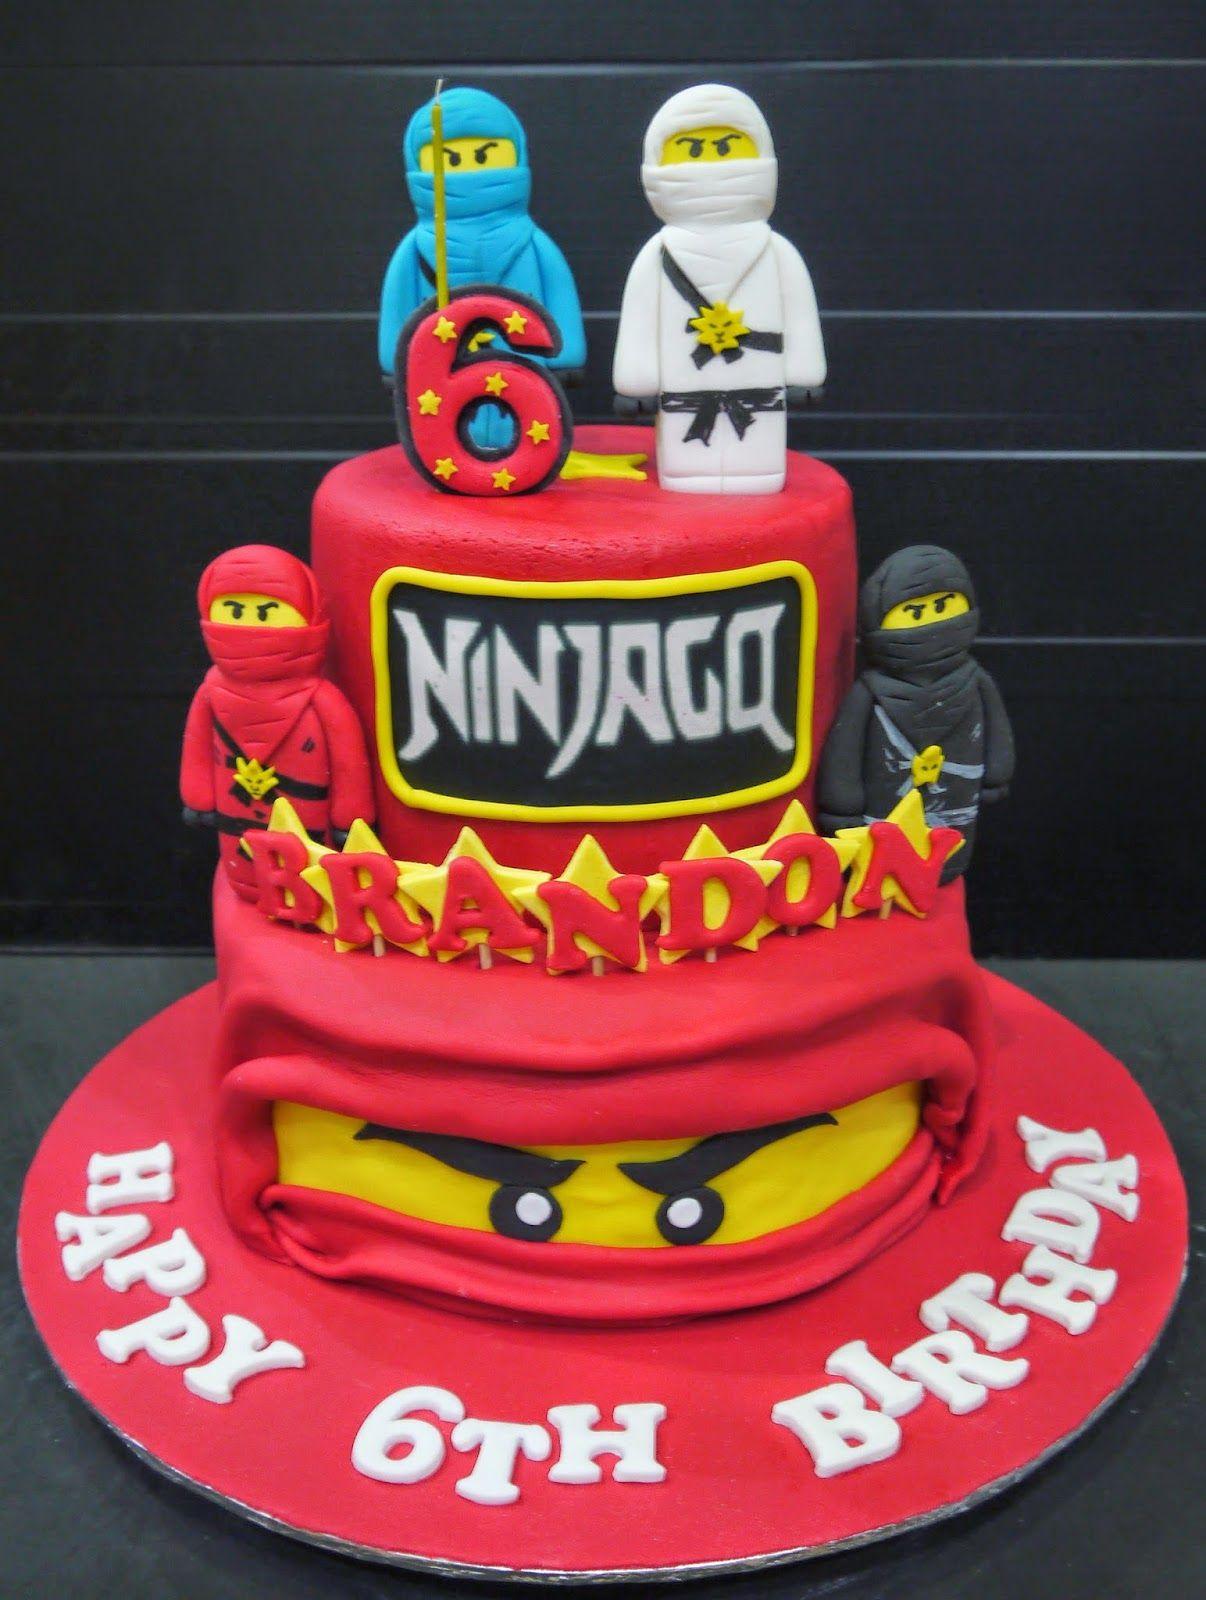 Cool Ninjago Cake